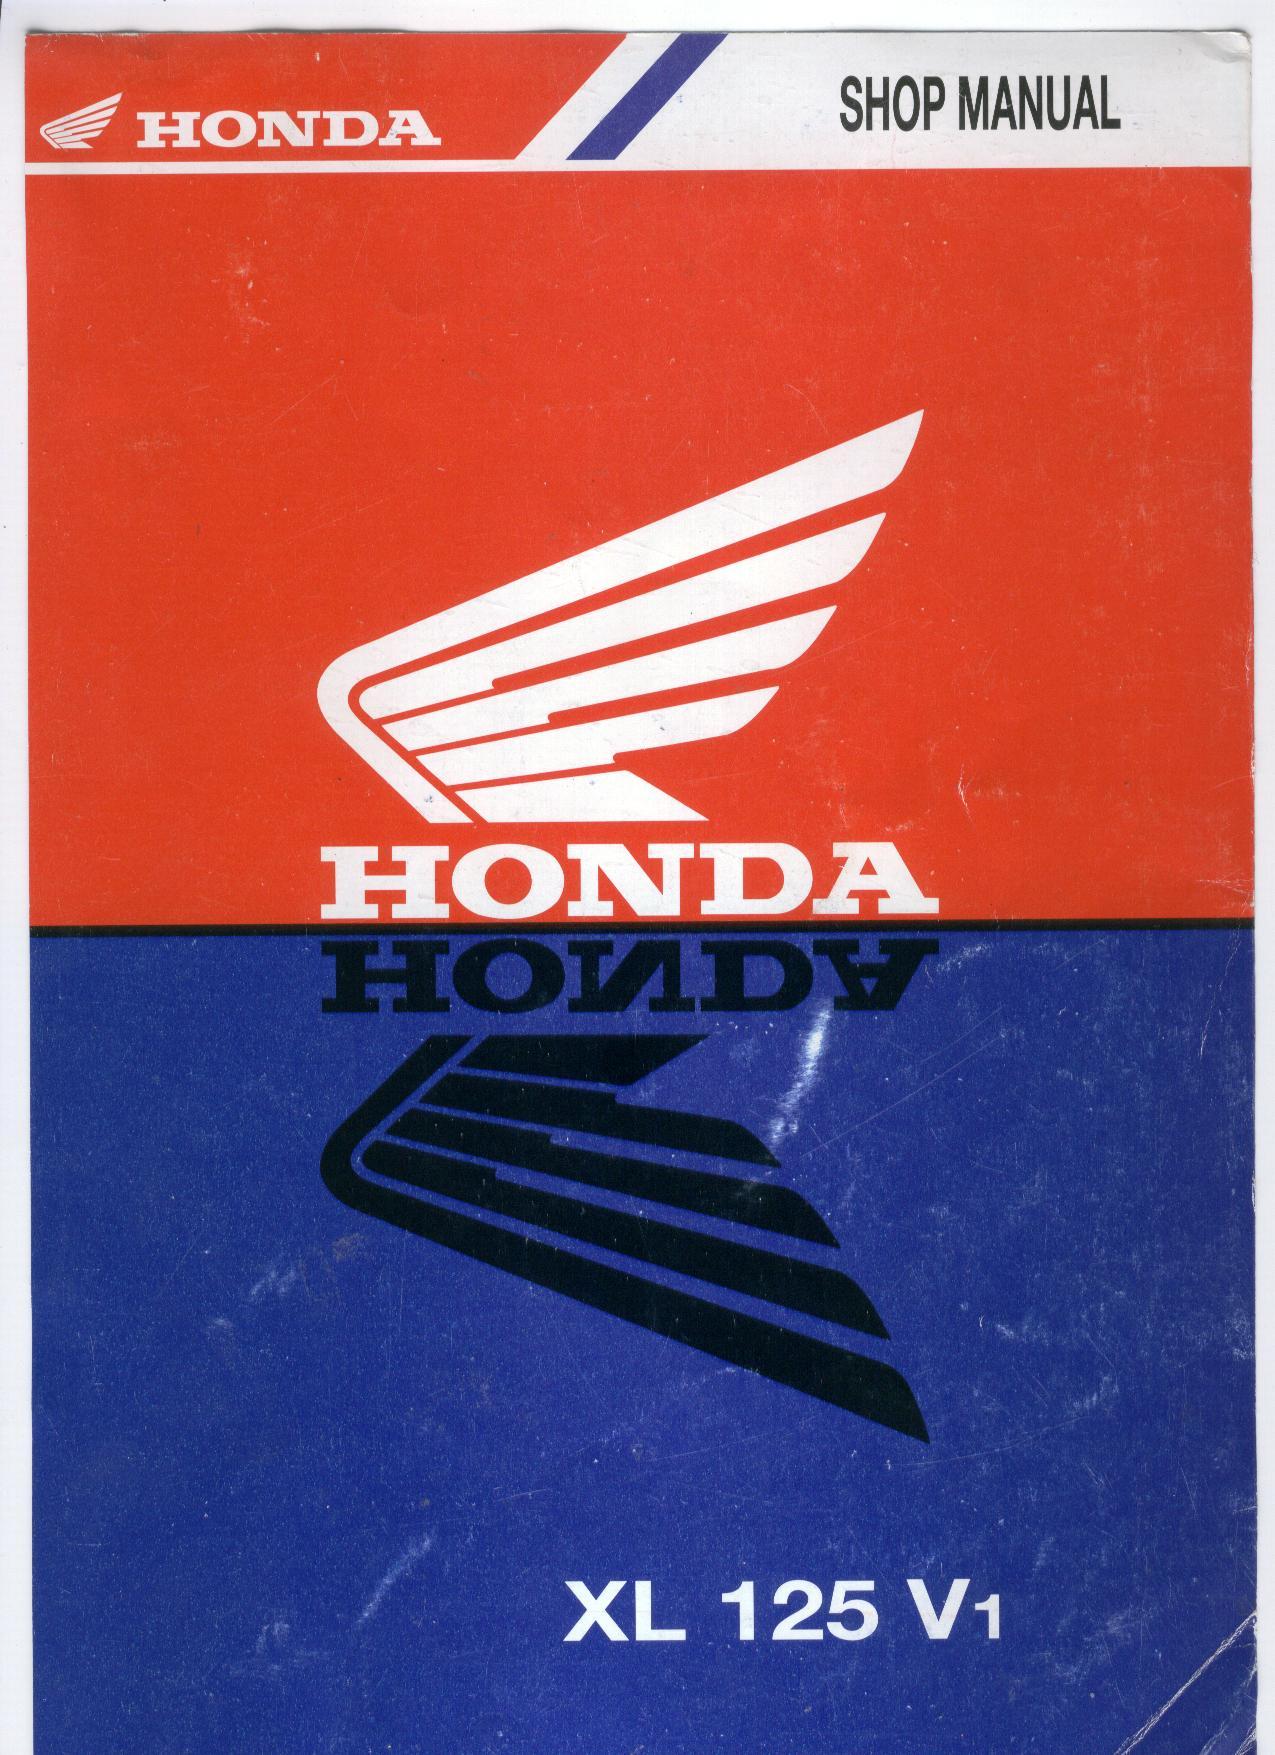 Workshop Manual for Honda XL125 (V1)